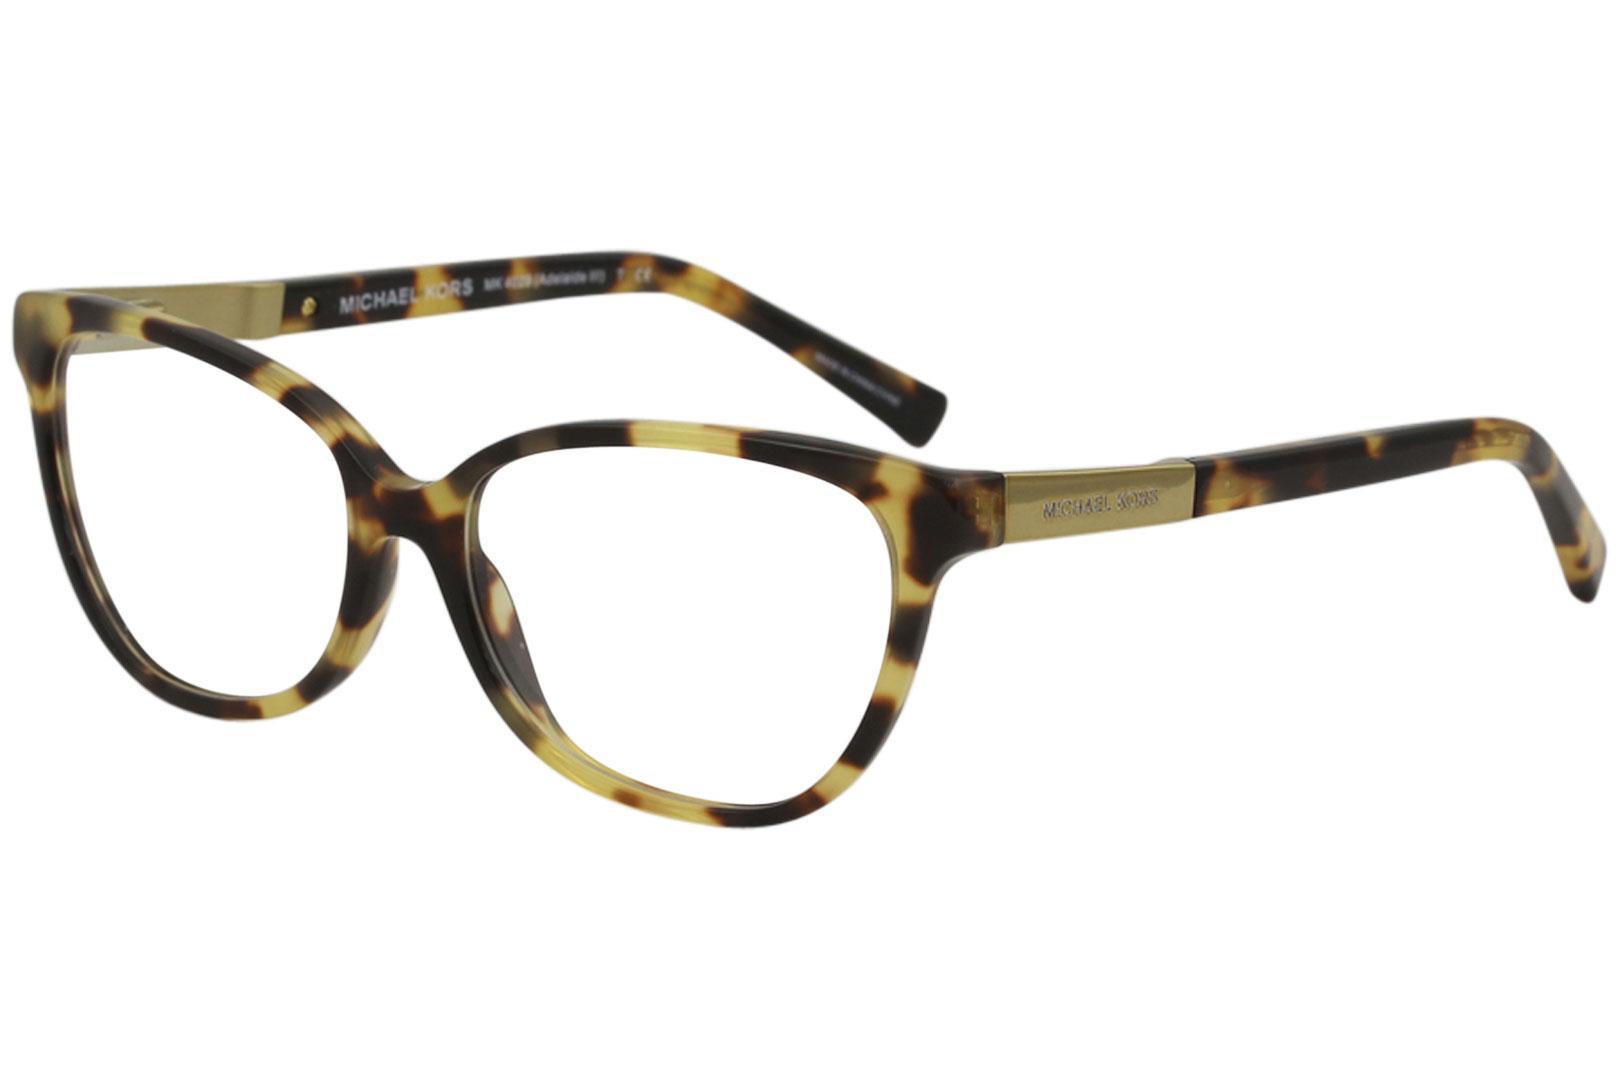 5a7488e64b6c Michael Kors Women's Eyeglasses Adelaide III MK4029 4029 Full Rim Optical  Frame